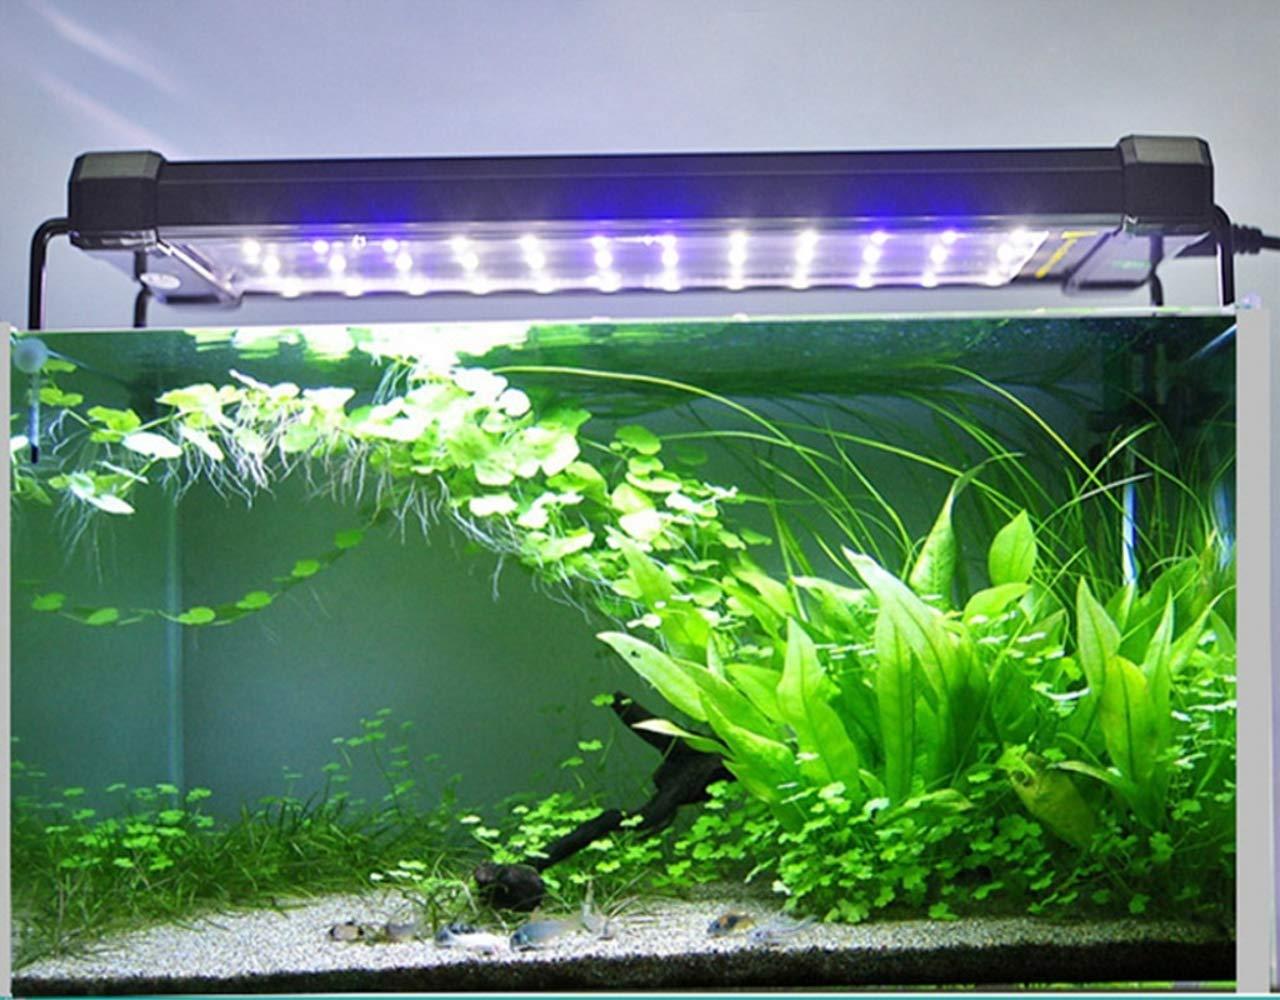 Enchufe EU 120 en Blanco 24 en Azul 25w Lightess L/ámpara de Acuarios y Peceras LED Luz para Plantas y Estanques Sumergible Luz de Rocalla Iluminaci/ón Cambio de Color